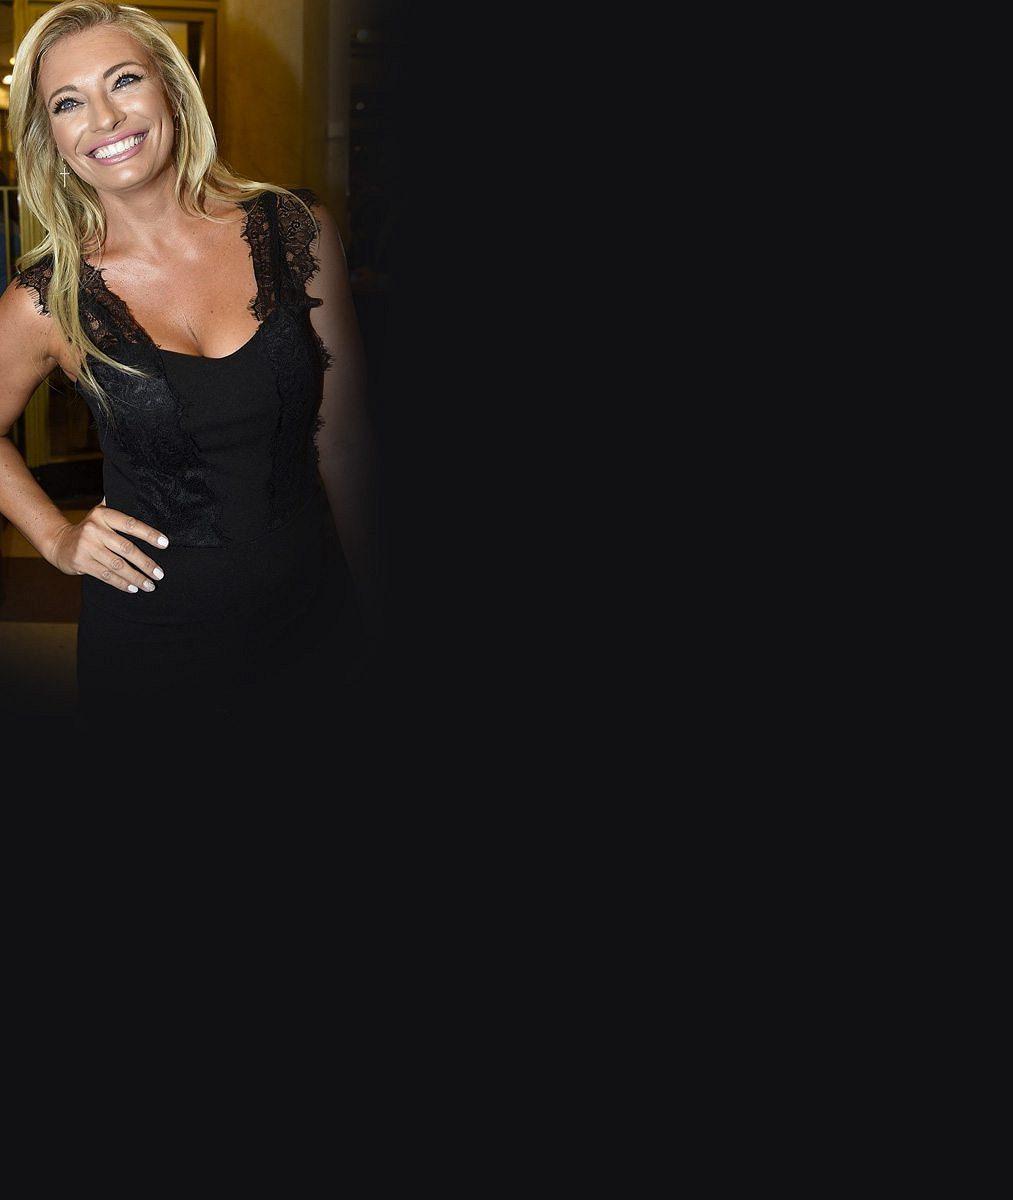 Bohyně, shodují se fandové Lucie Borhyové: Podívejte se na sexy fotku, která v nich vzbudila vášně